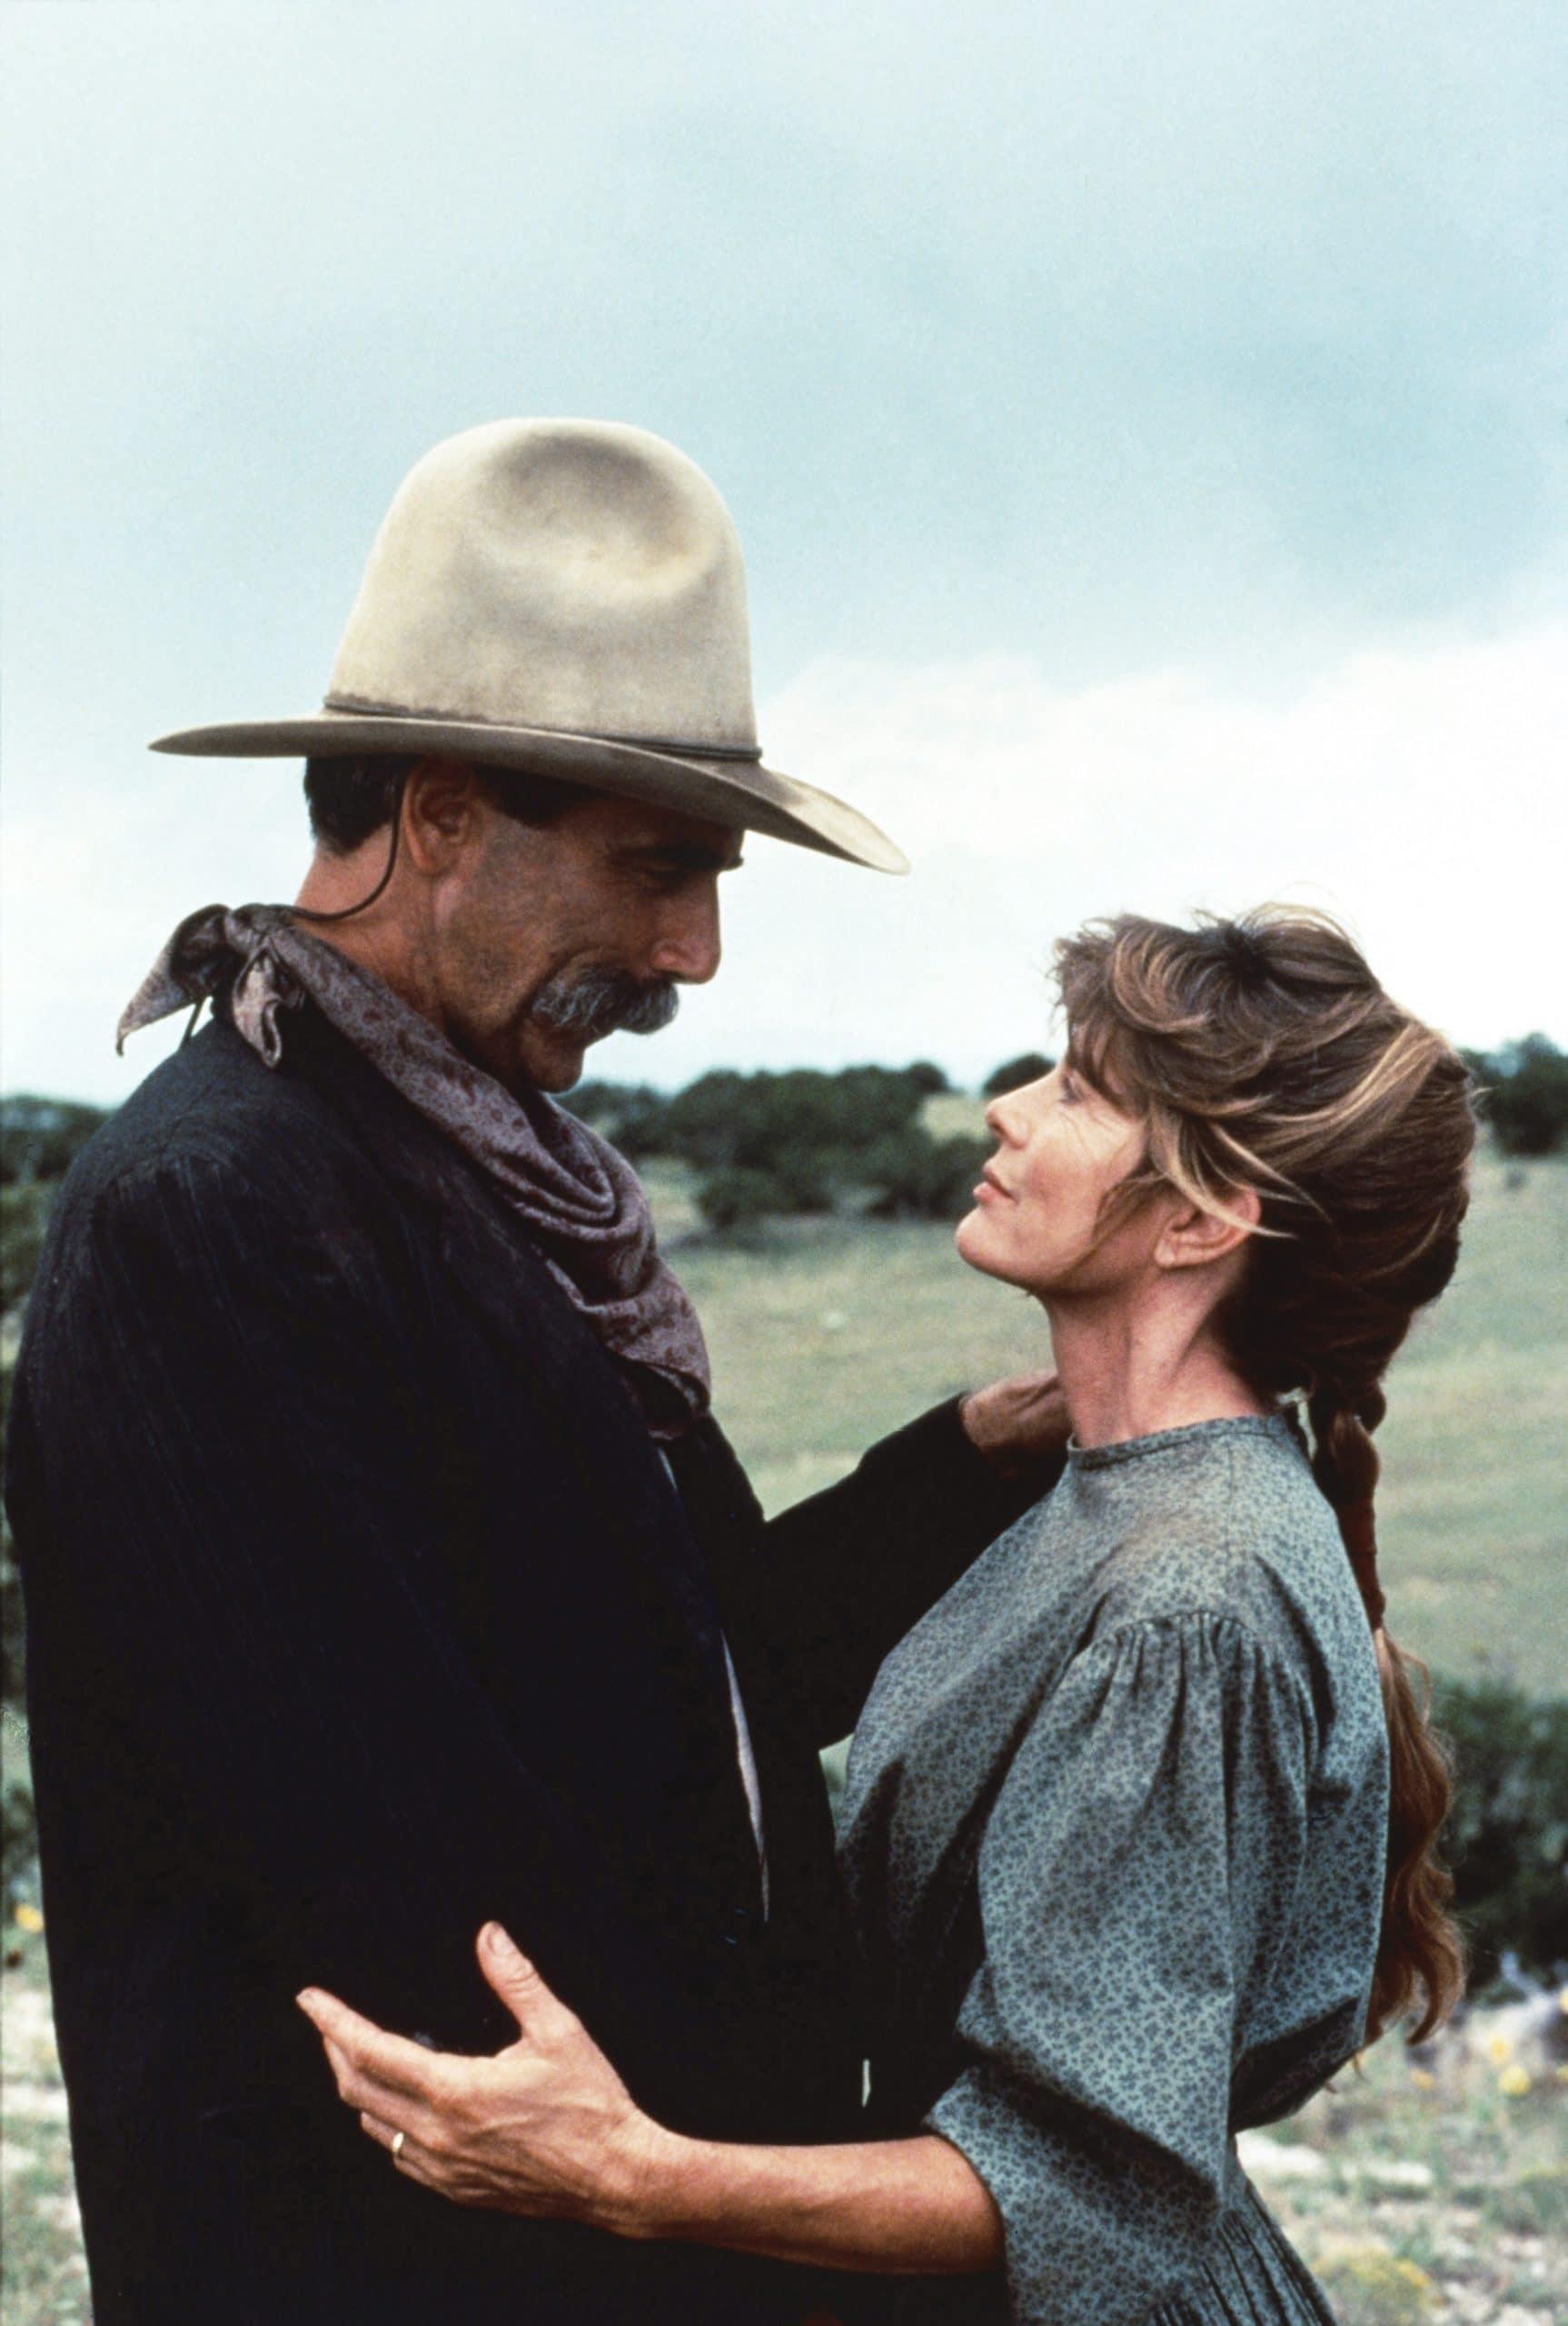 CONAGHER, from left: Sam Elliott, Katharine Ross, 1991